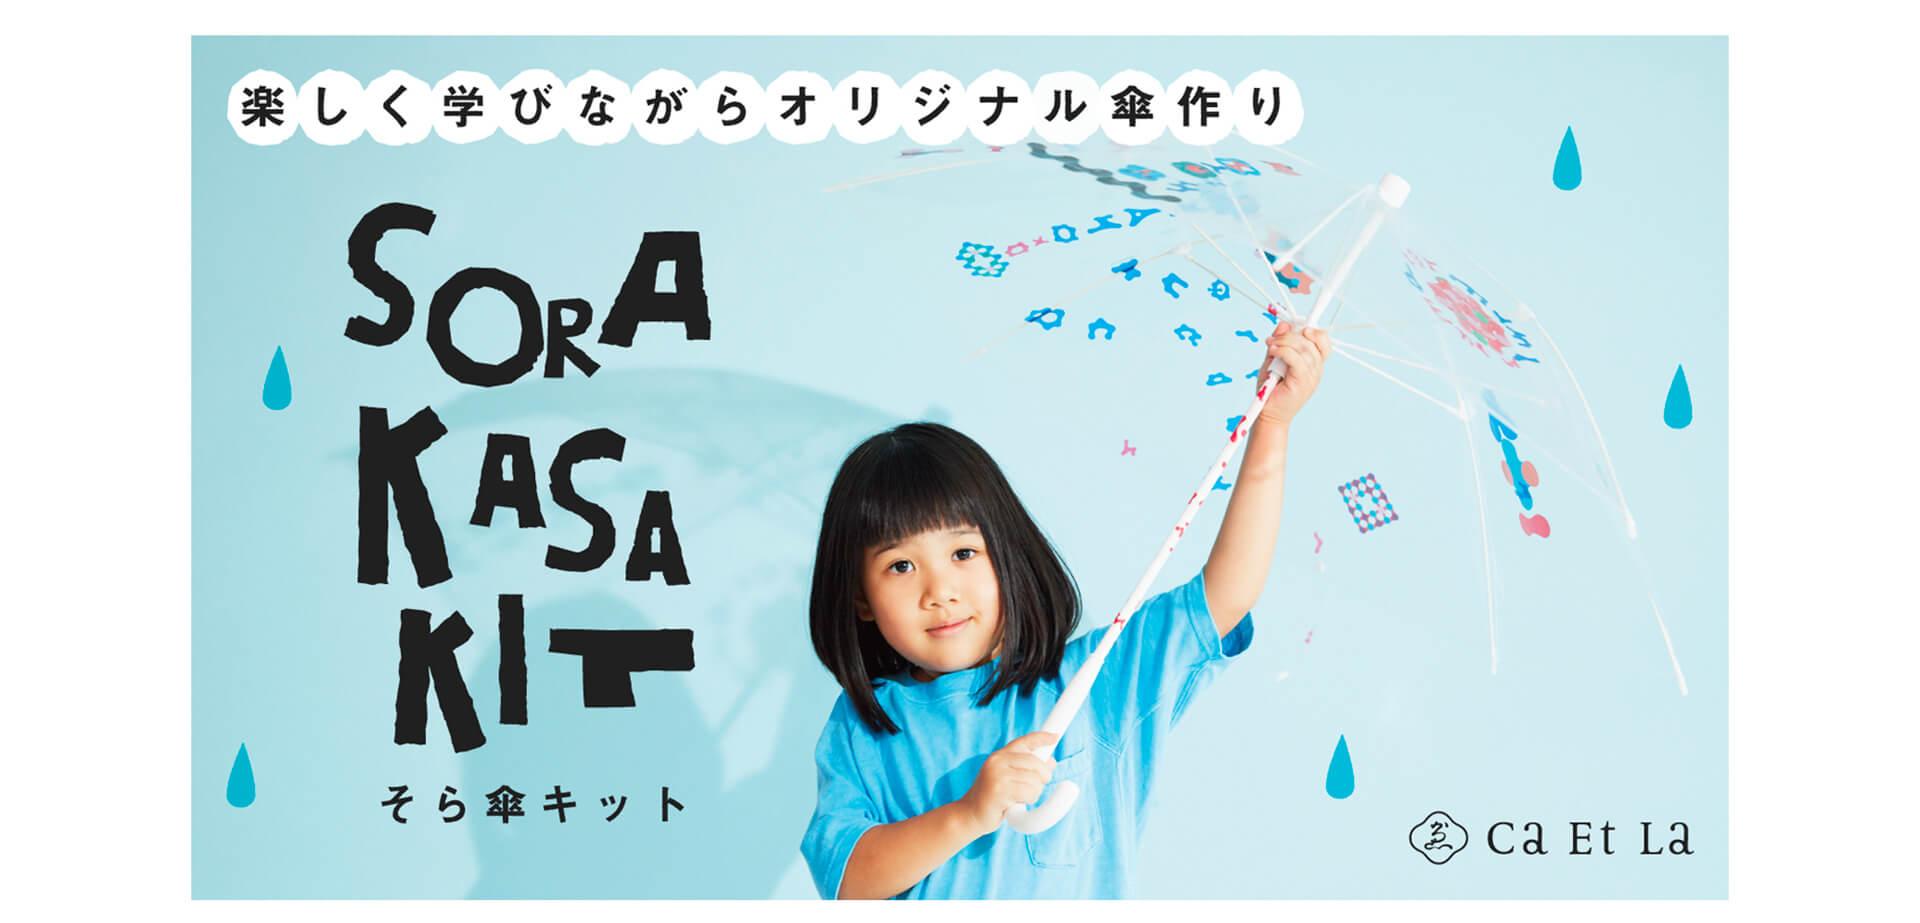 マルイファミリー溝口「+TIC SORA KASA KIT(そら傘キット)」